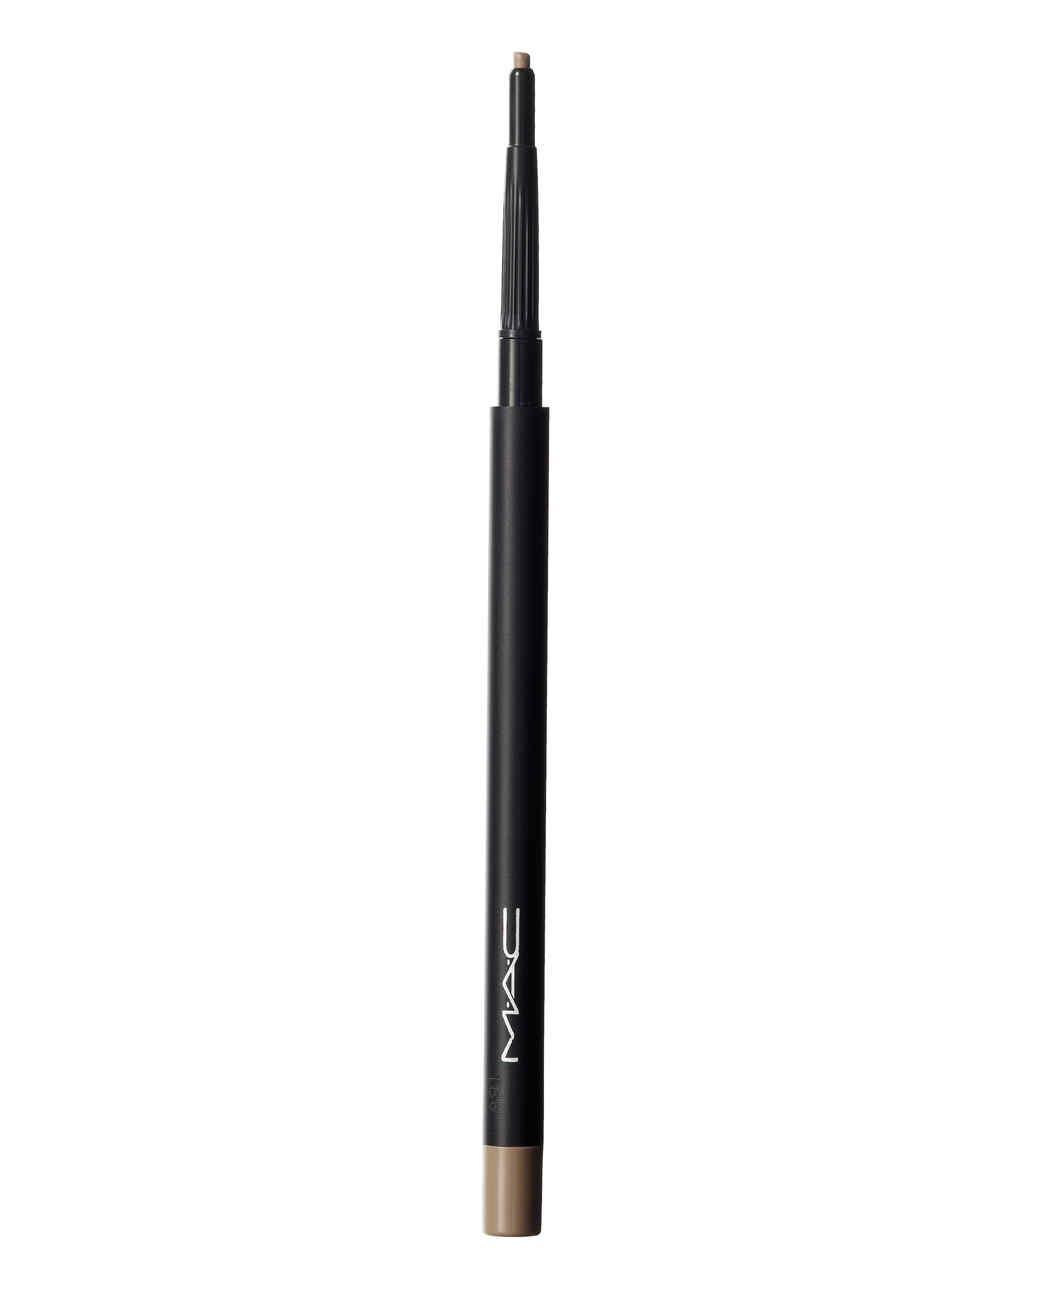 mac-eyebrow-pencil-001-mld109568.jpg